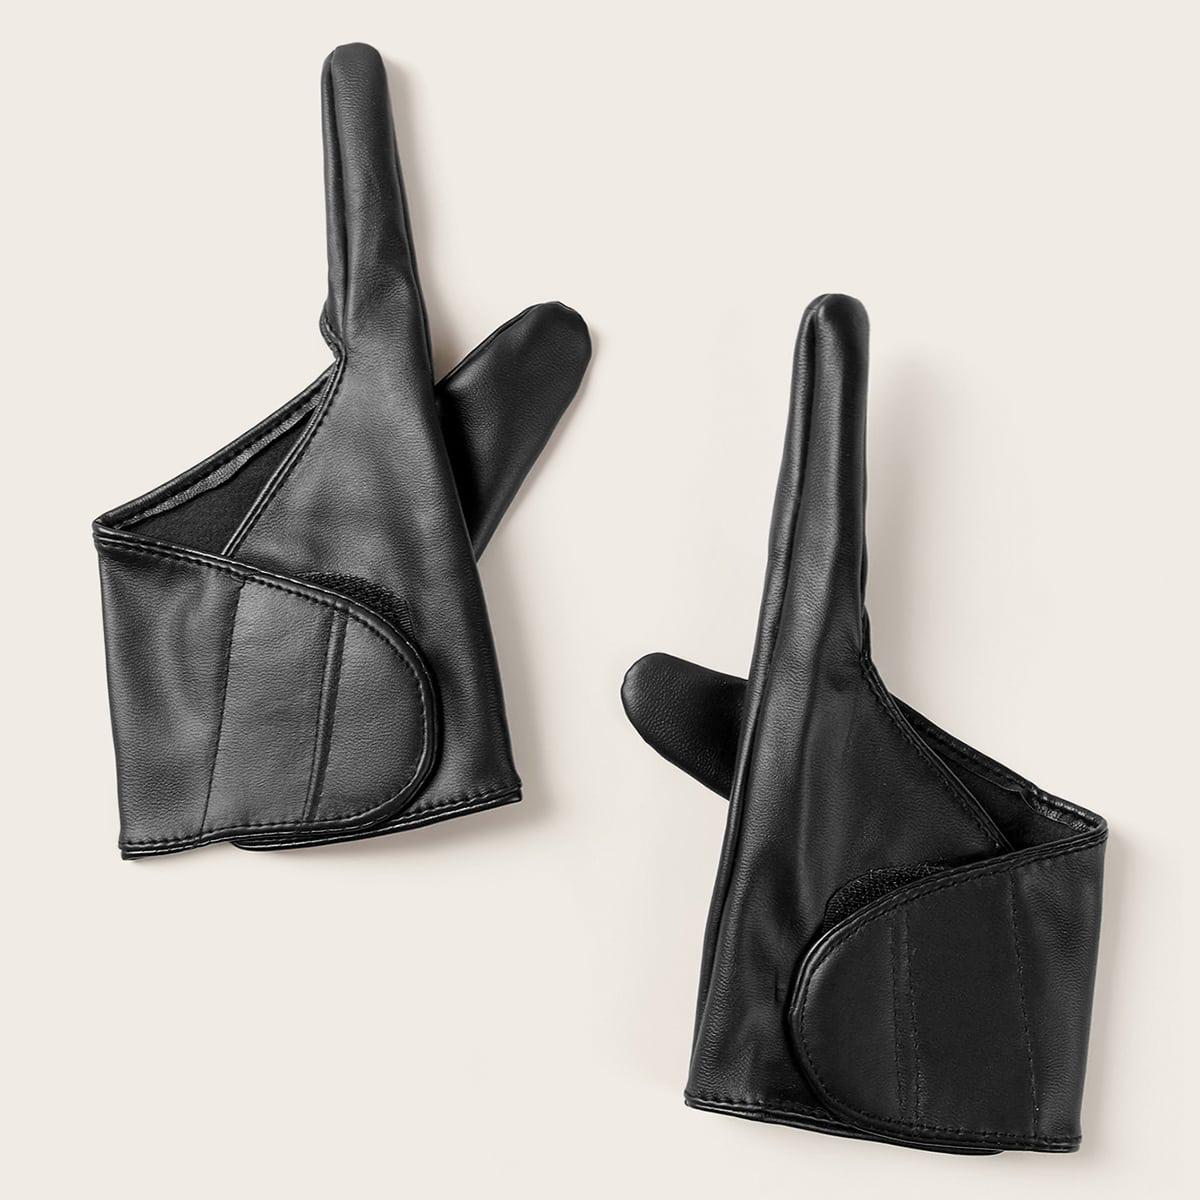 1 paar PU-handschoenen met klittenband